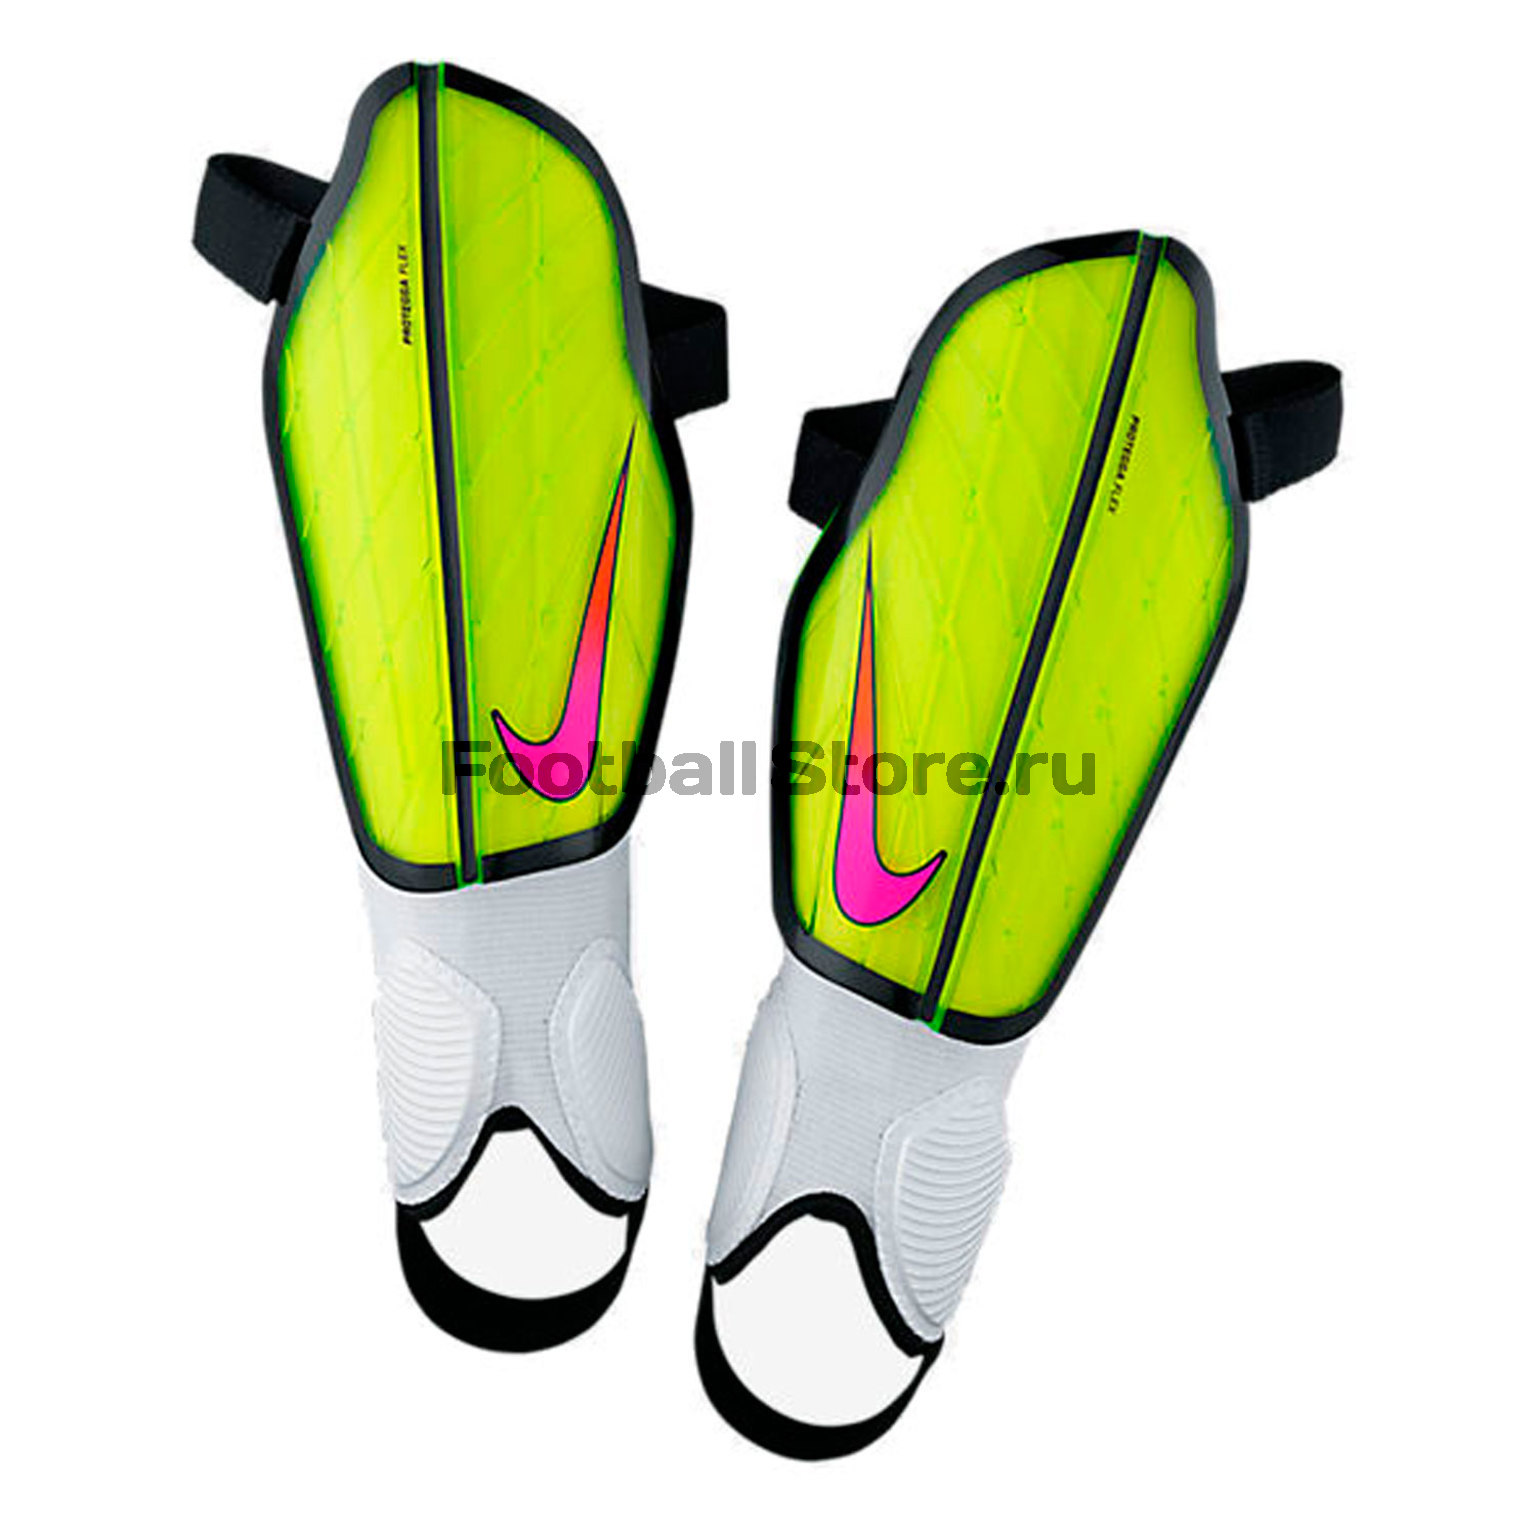 Защита ног Nike Щитки футбольные Nike Protegga Flex SP0313-702